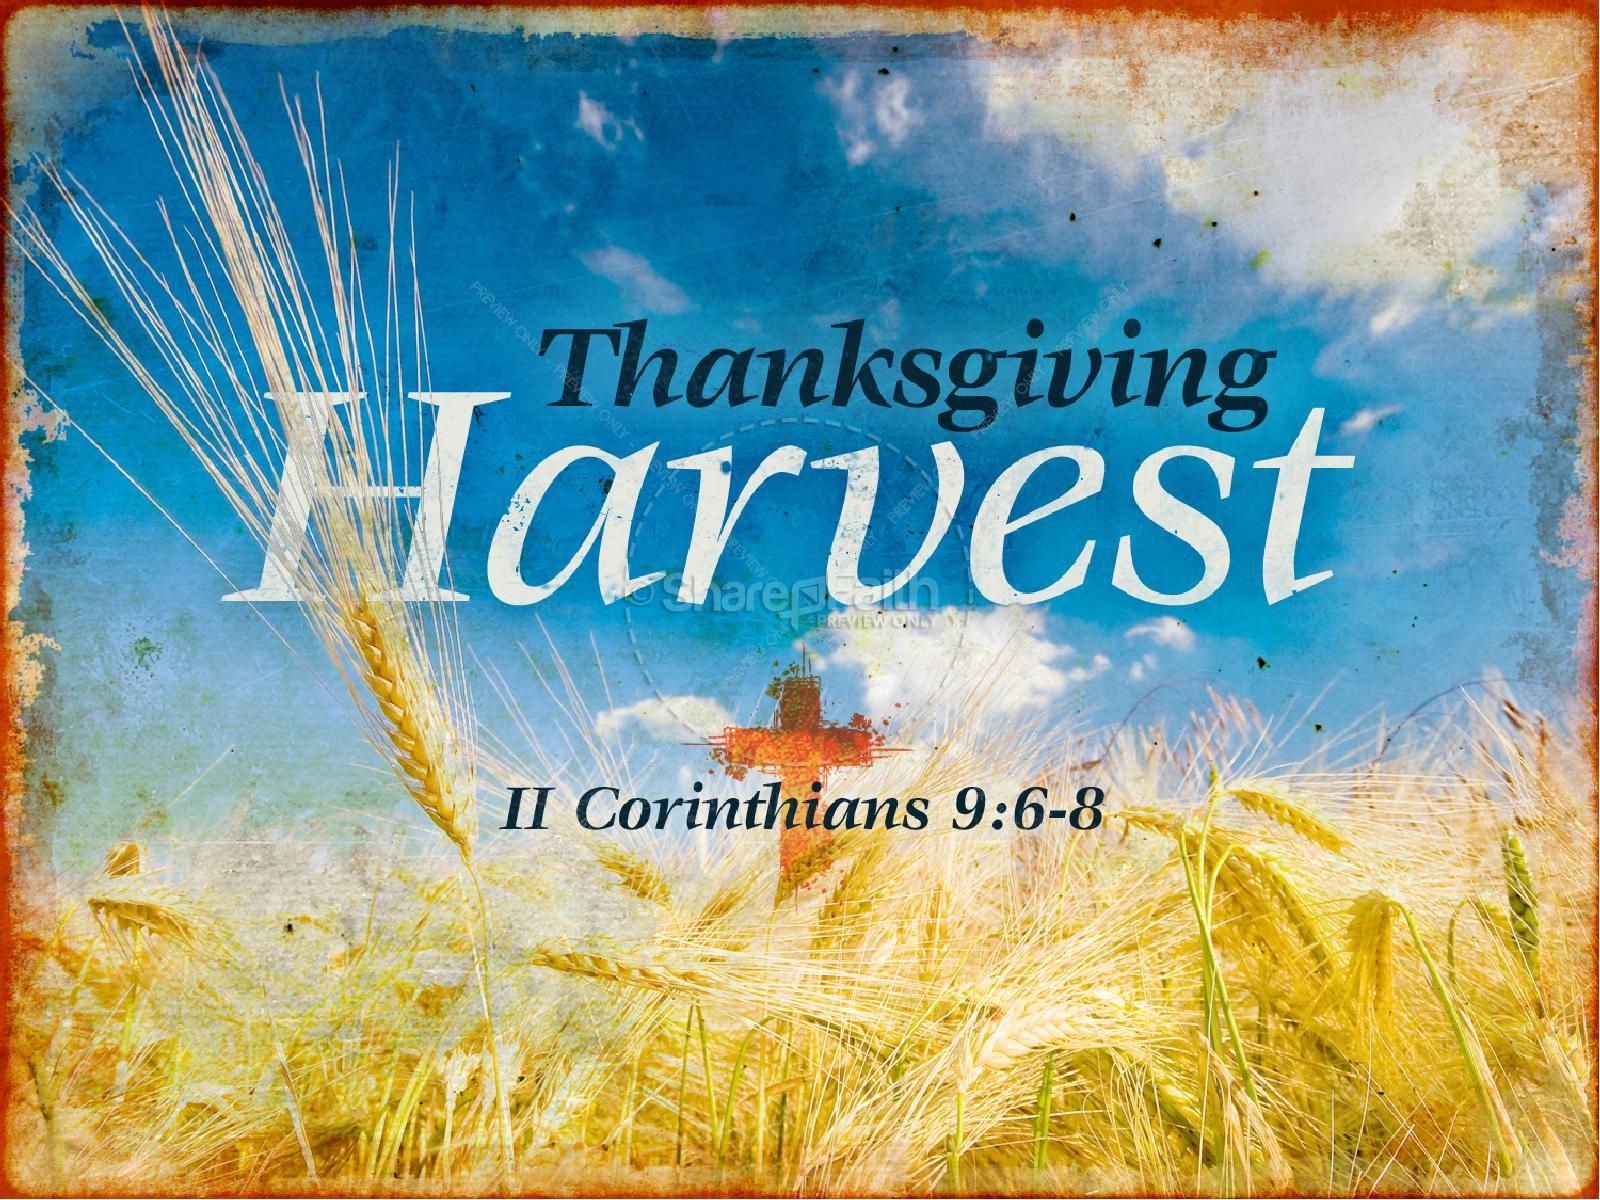 Thanksgiving Harvest Sermon PowerPoint | slide 1